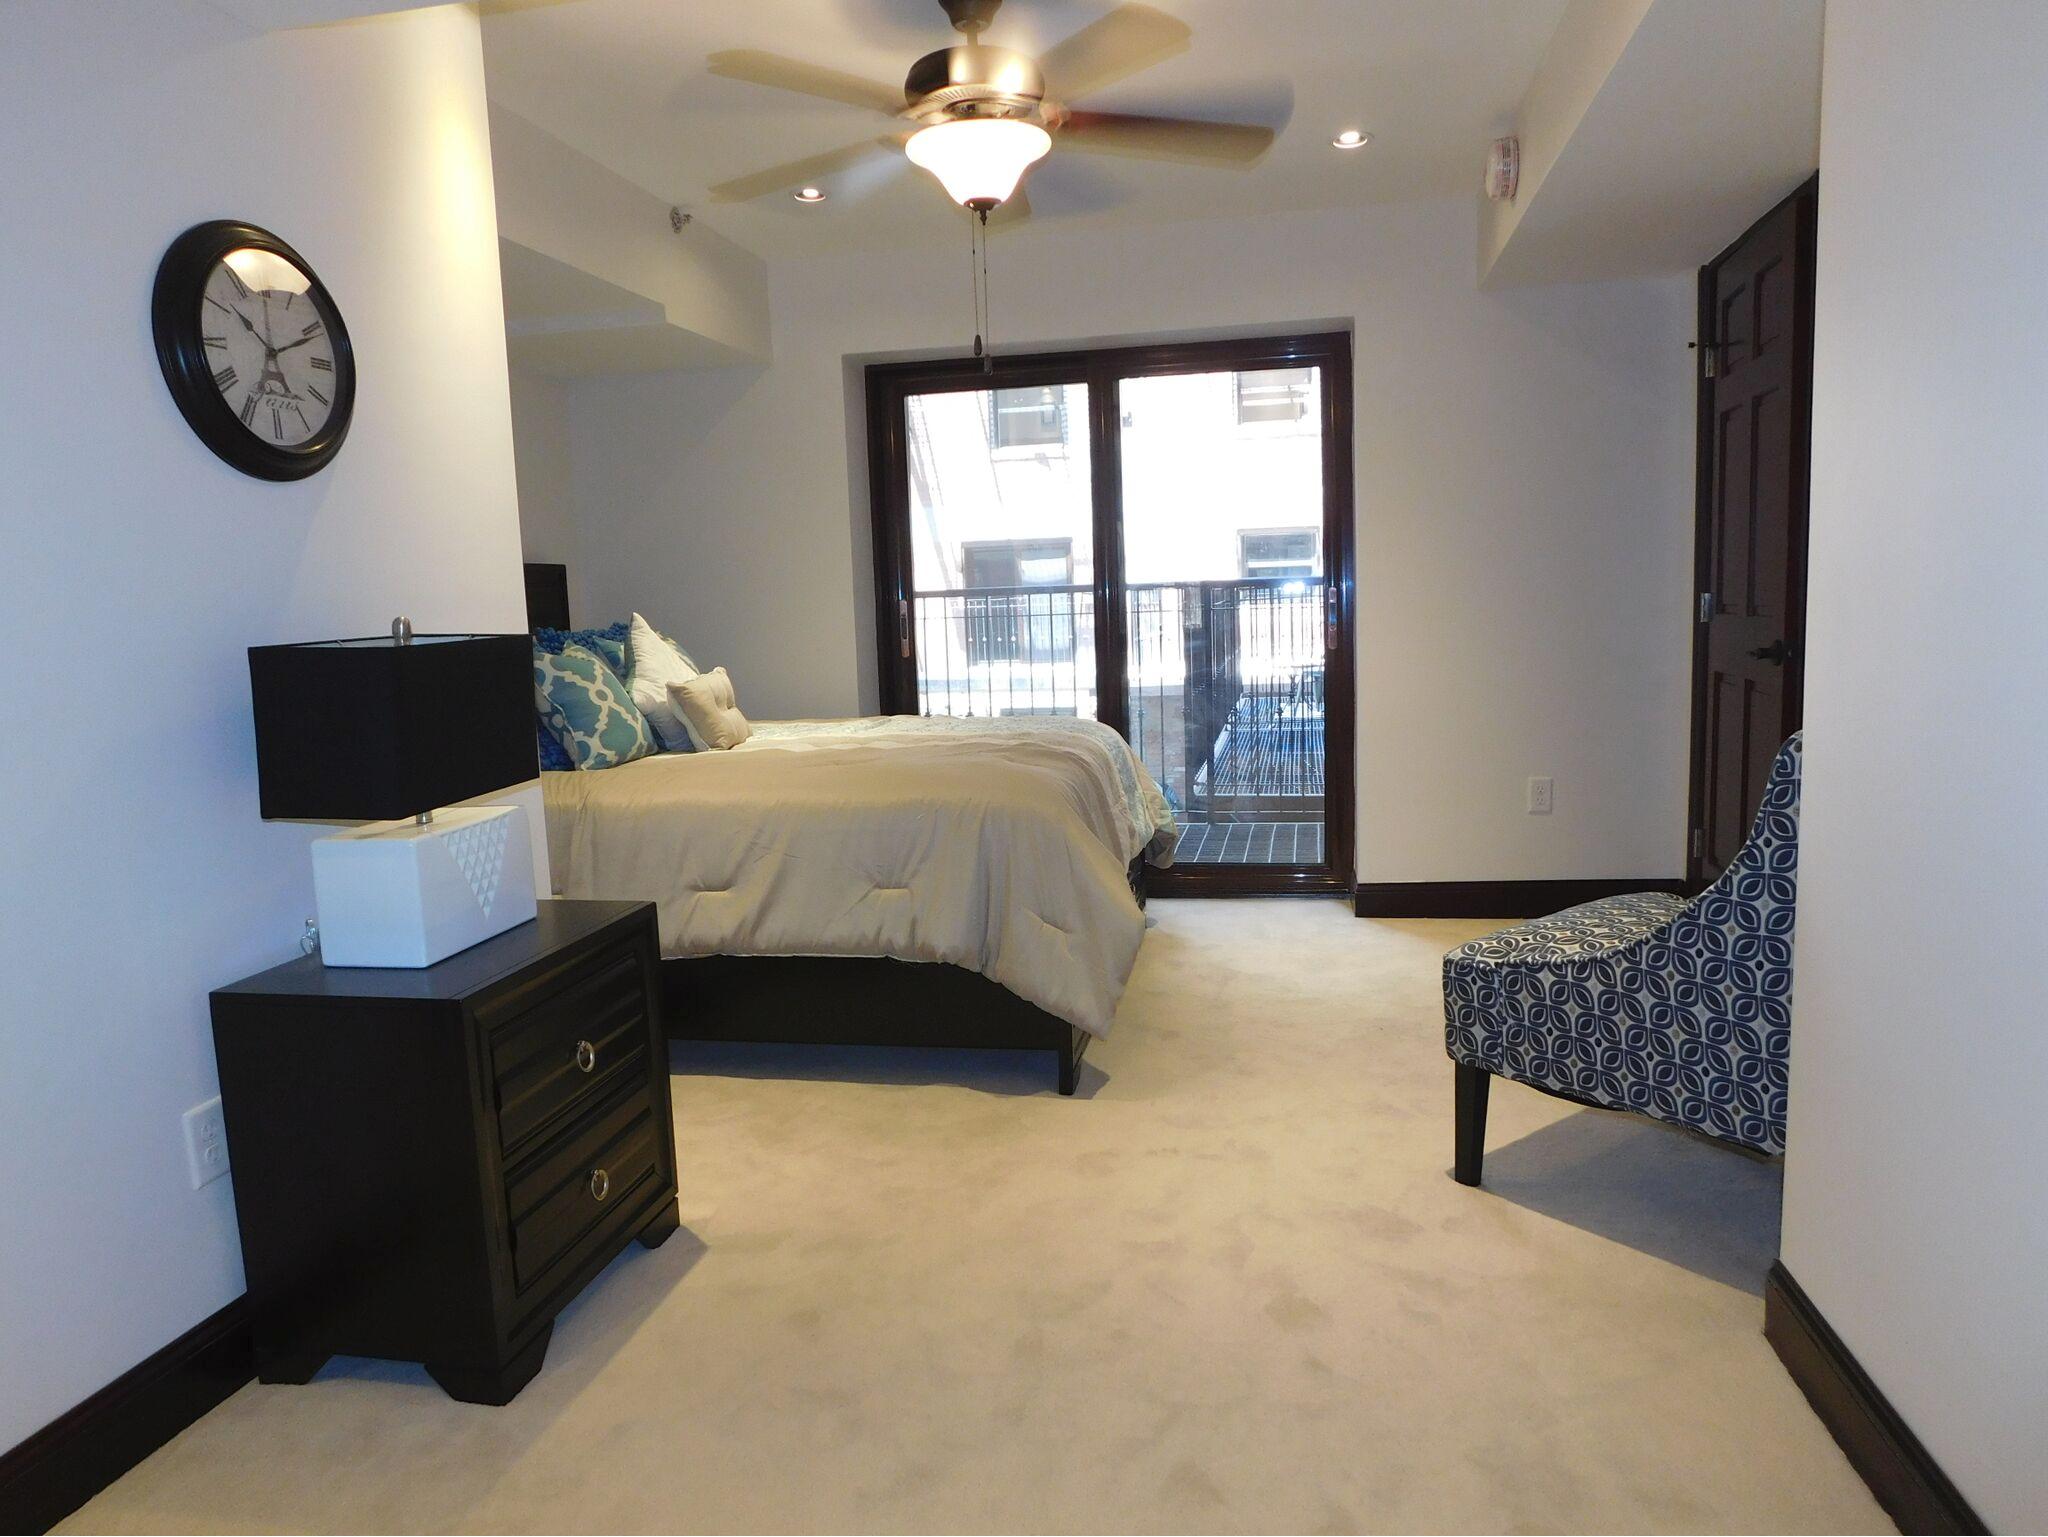 05 Unit - 1 Bed/1.5 Bath - 1,283 sq. ft. - $1,625/mo